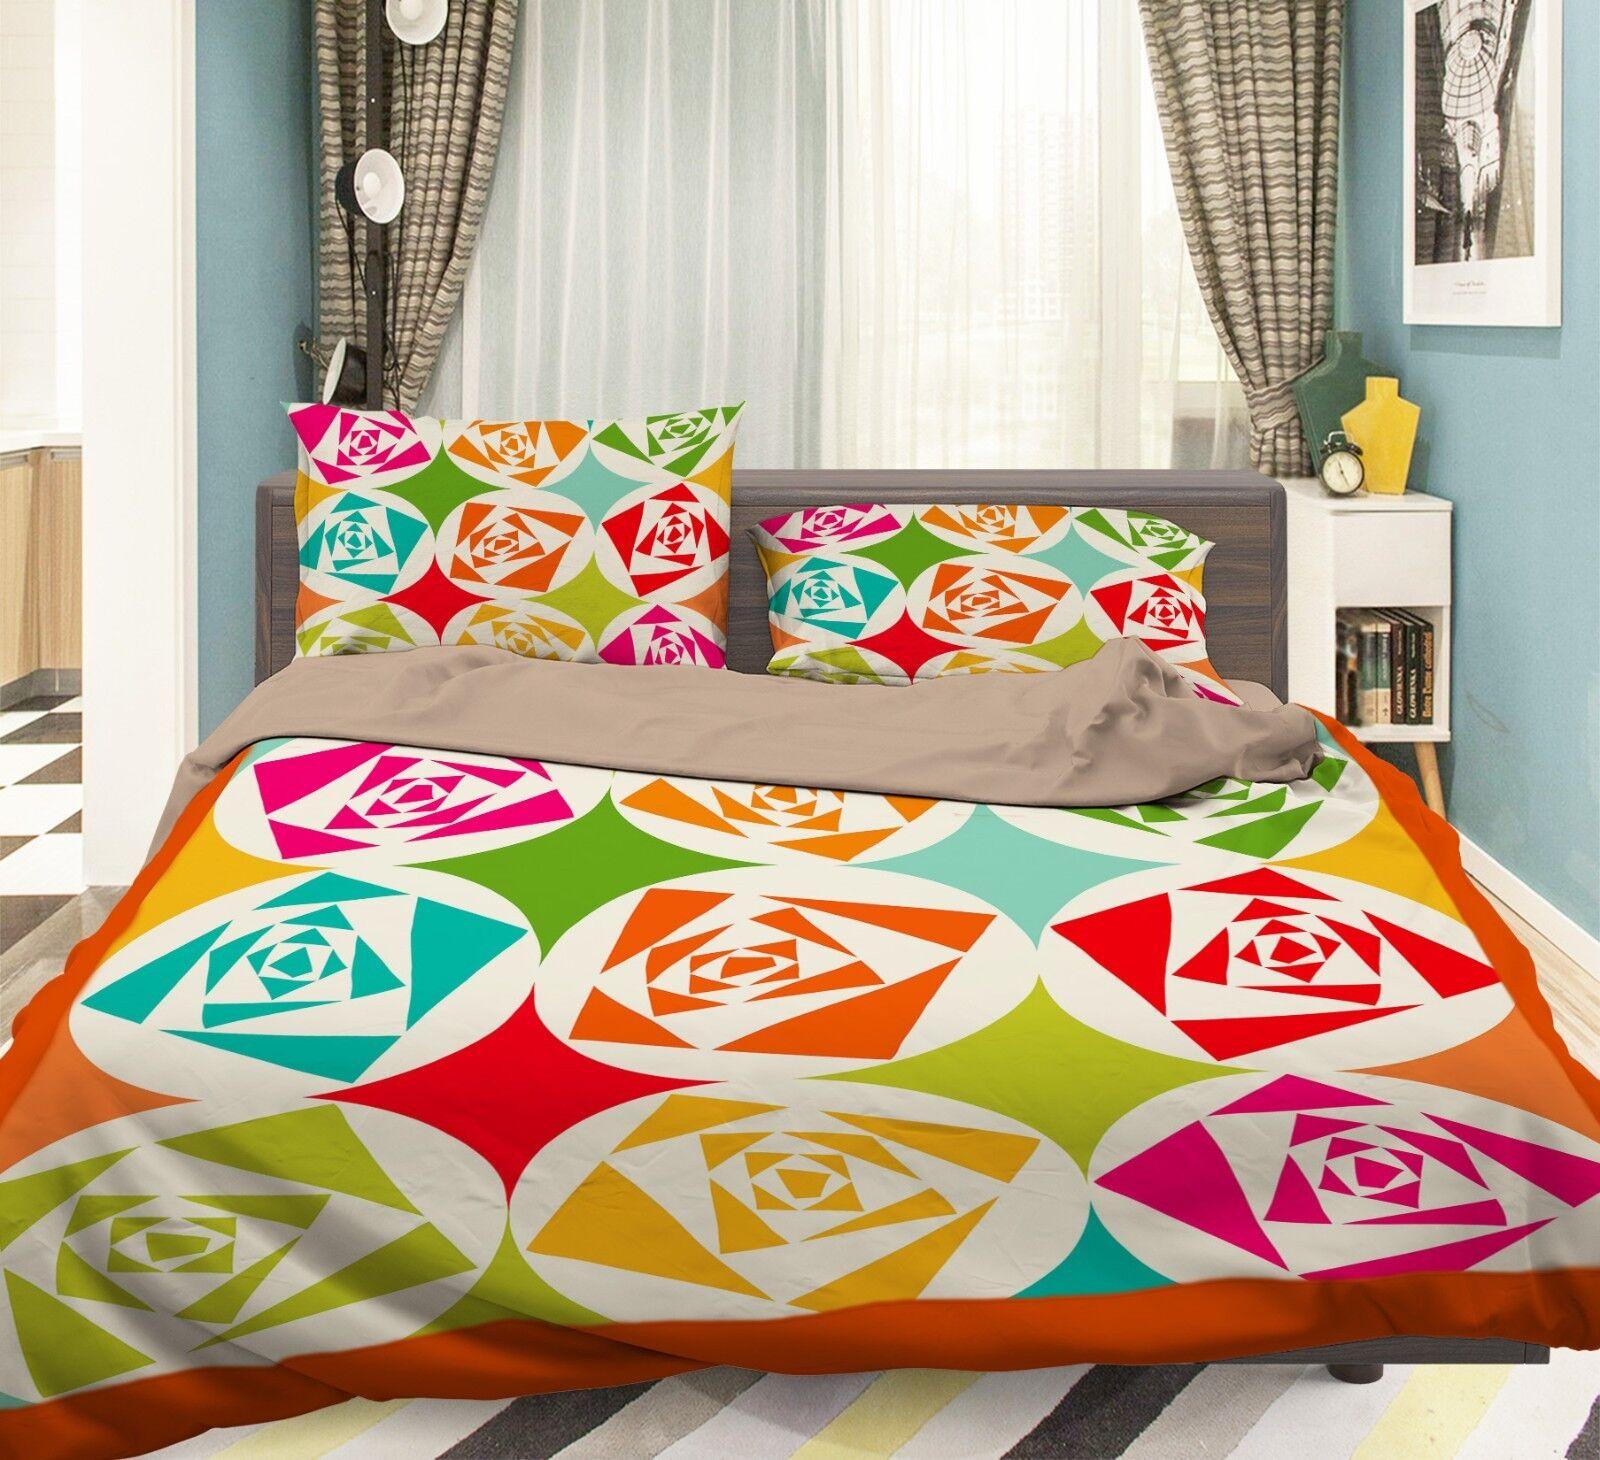 3D Pattern 343 Bed Pillowcases Quilt Duvet Cover Set Single Queen King Size AU